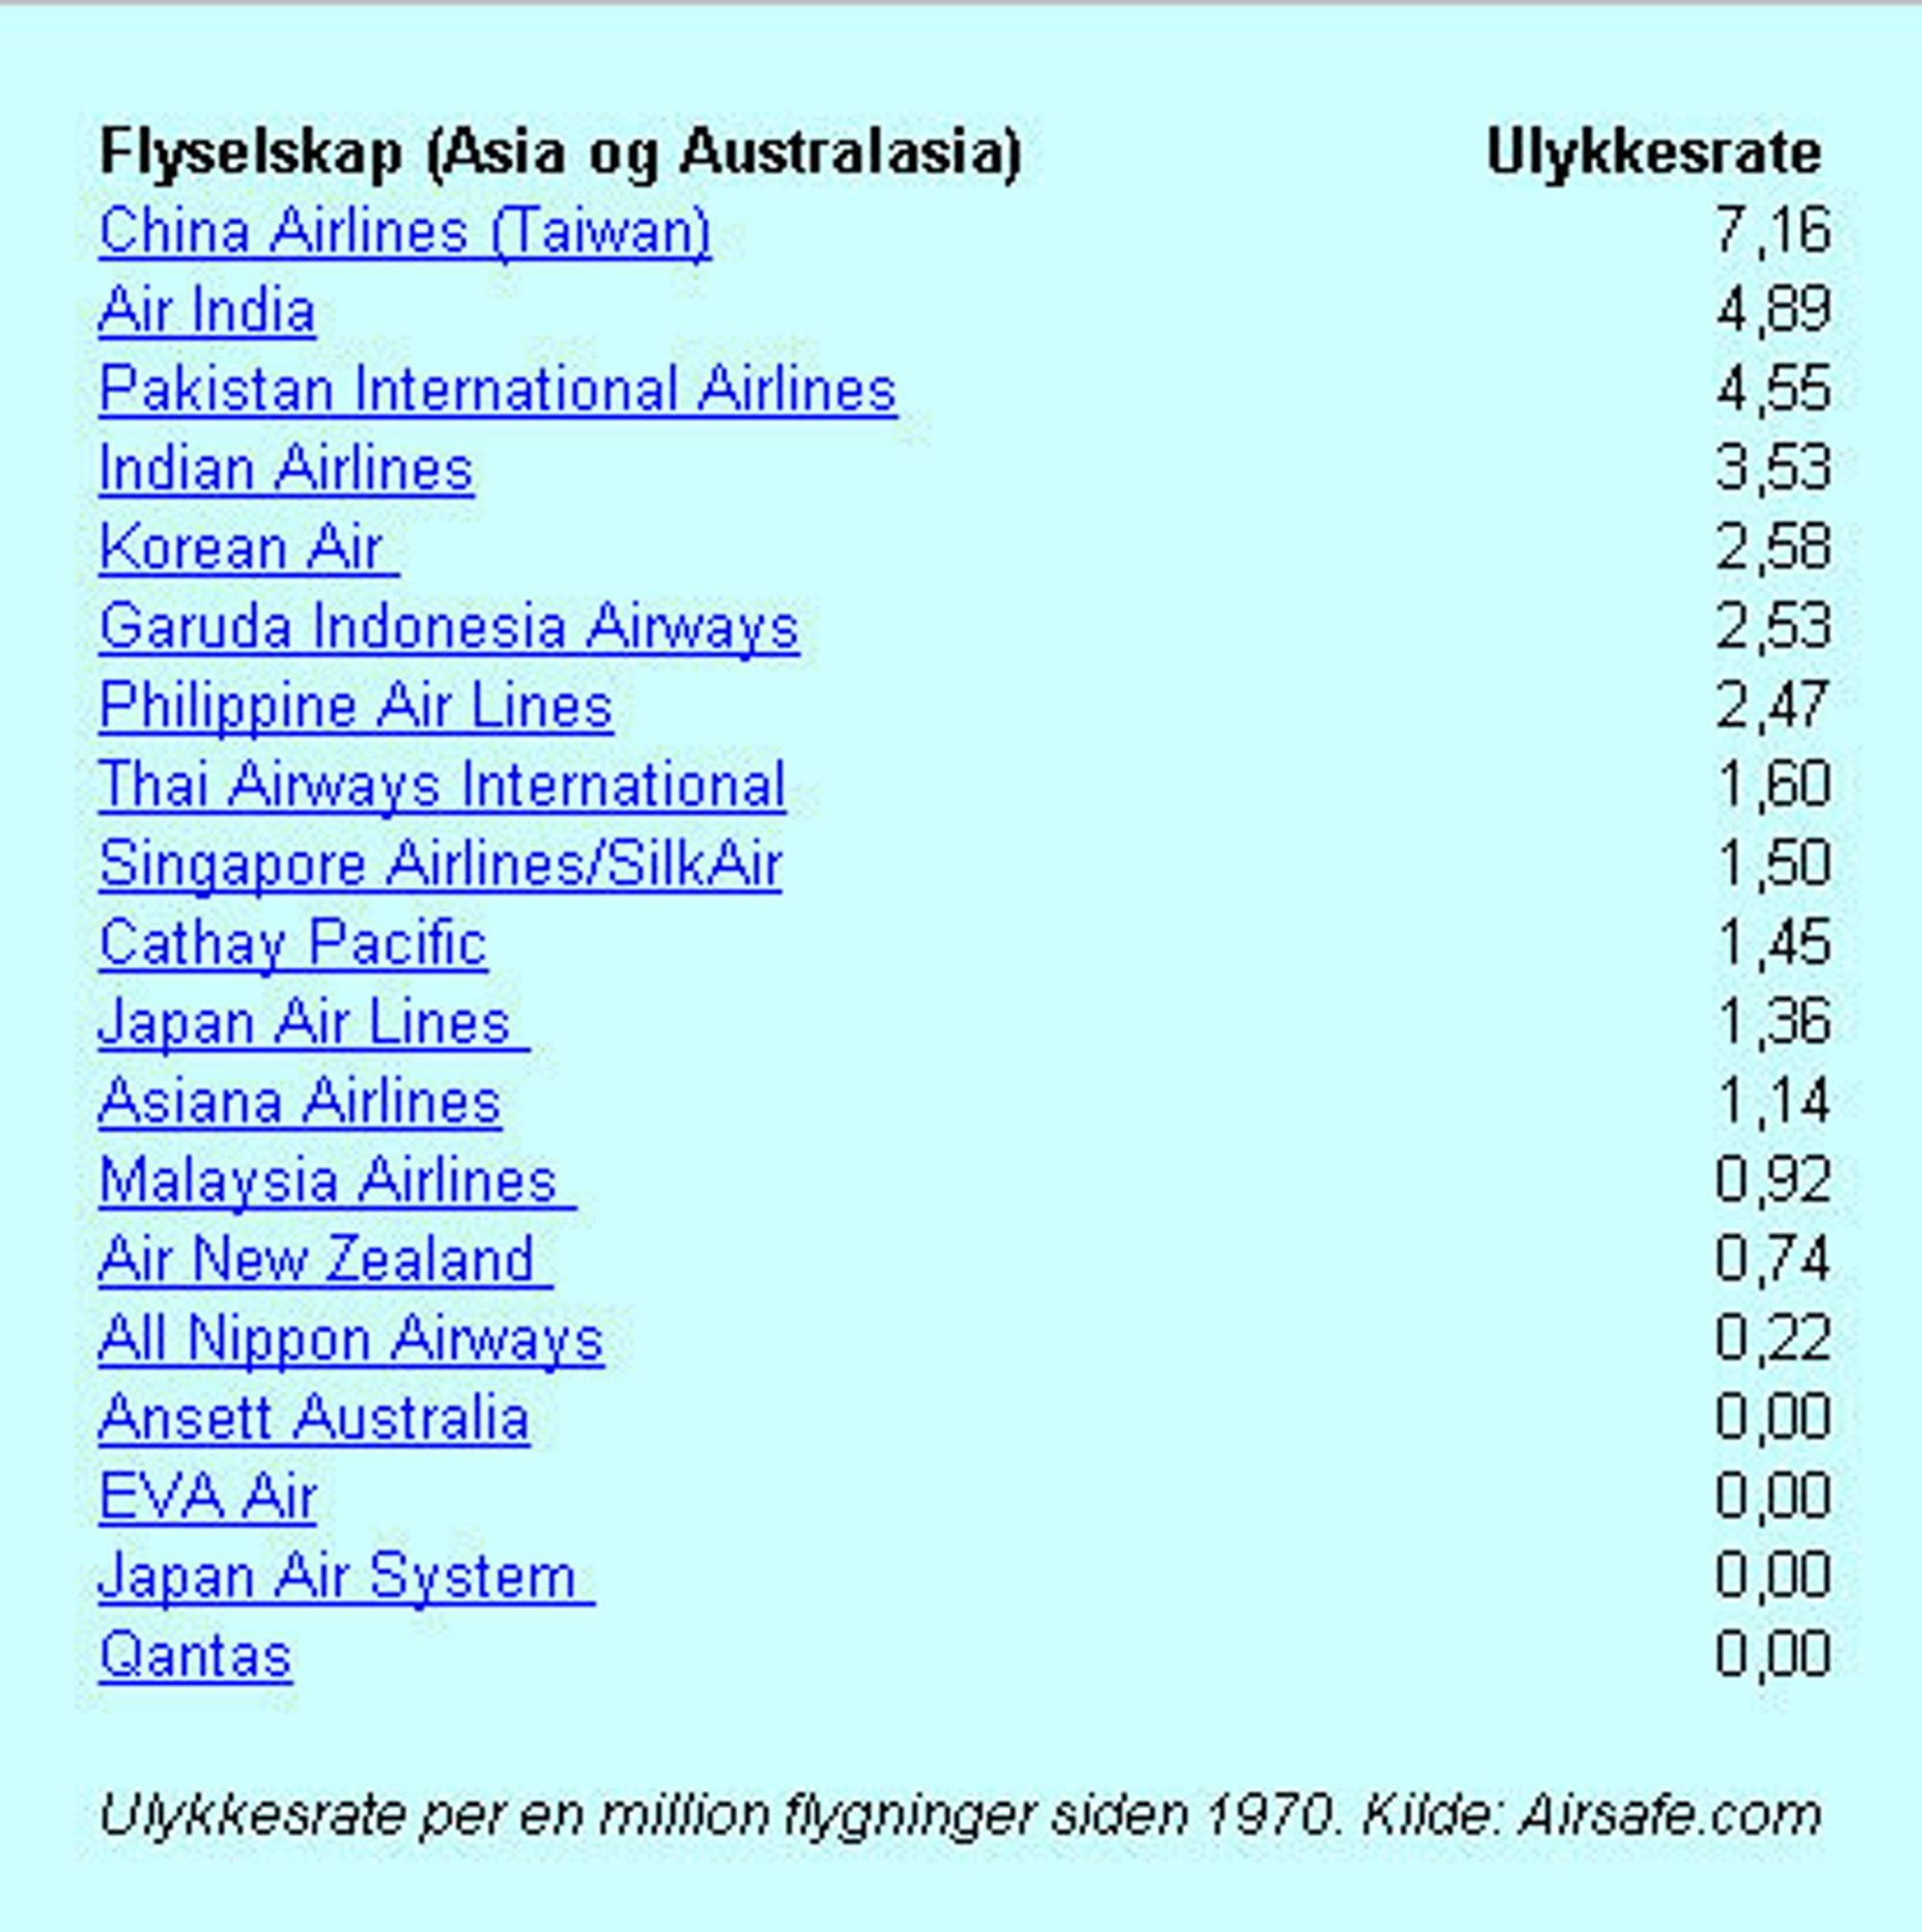 Flyselskaper i Asia og Australia